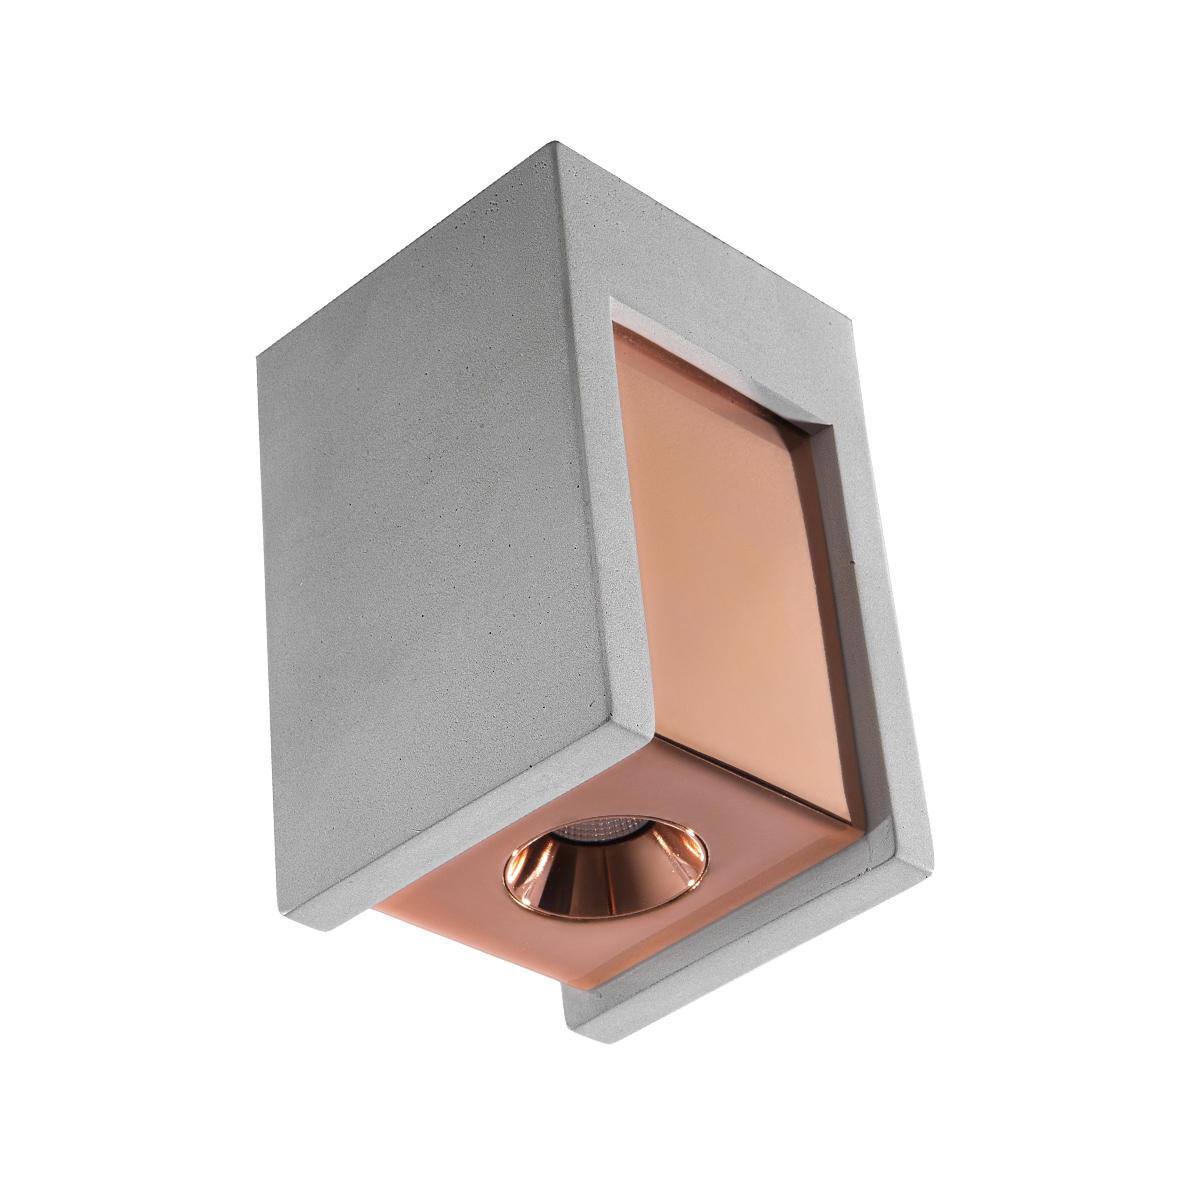 Потолочный светодиодный светильник Loft It Architect OL1073-GG, LED 6W 3000K 260lm, серый с золотом, бетон с металлом - фото 1